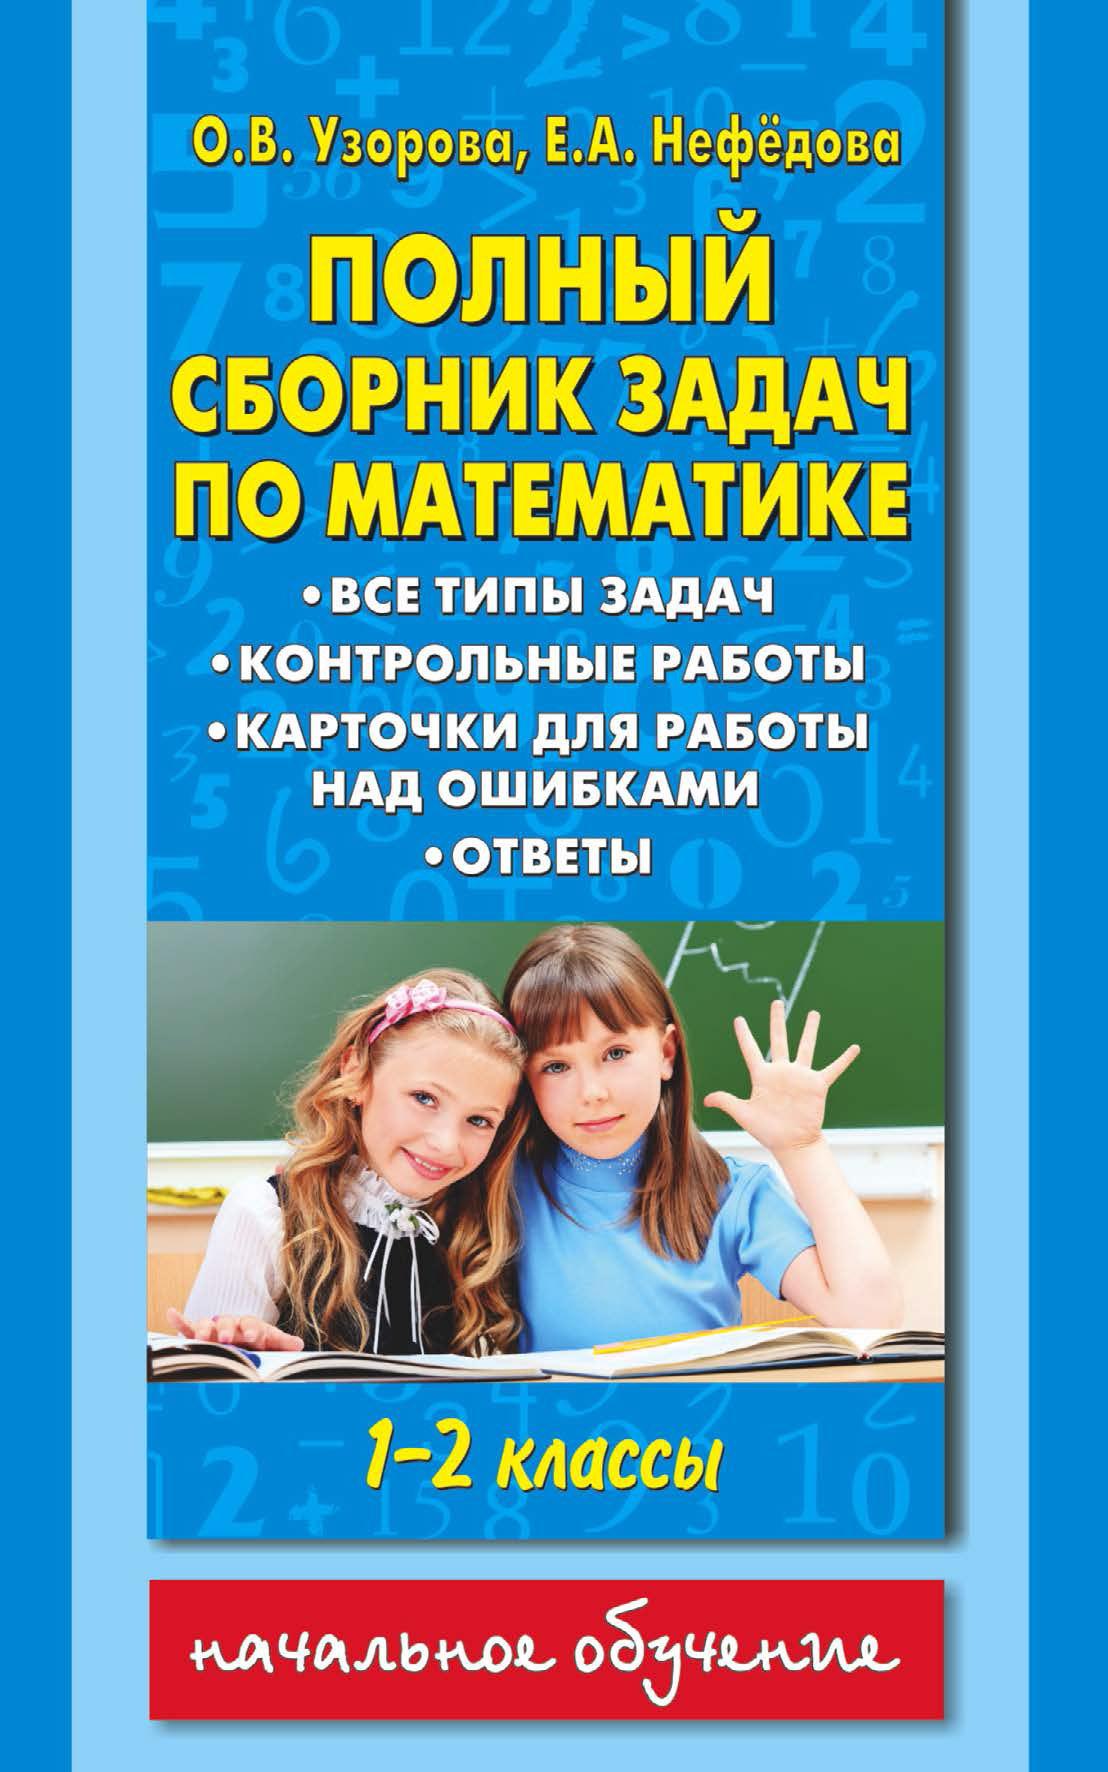 Полный сборник задач по математике. Все типы задач. Контрольные работы. Карточки для работы над ошибками. Ответы. 1-2 классы